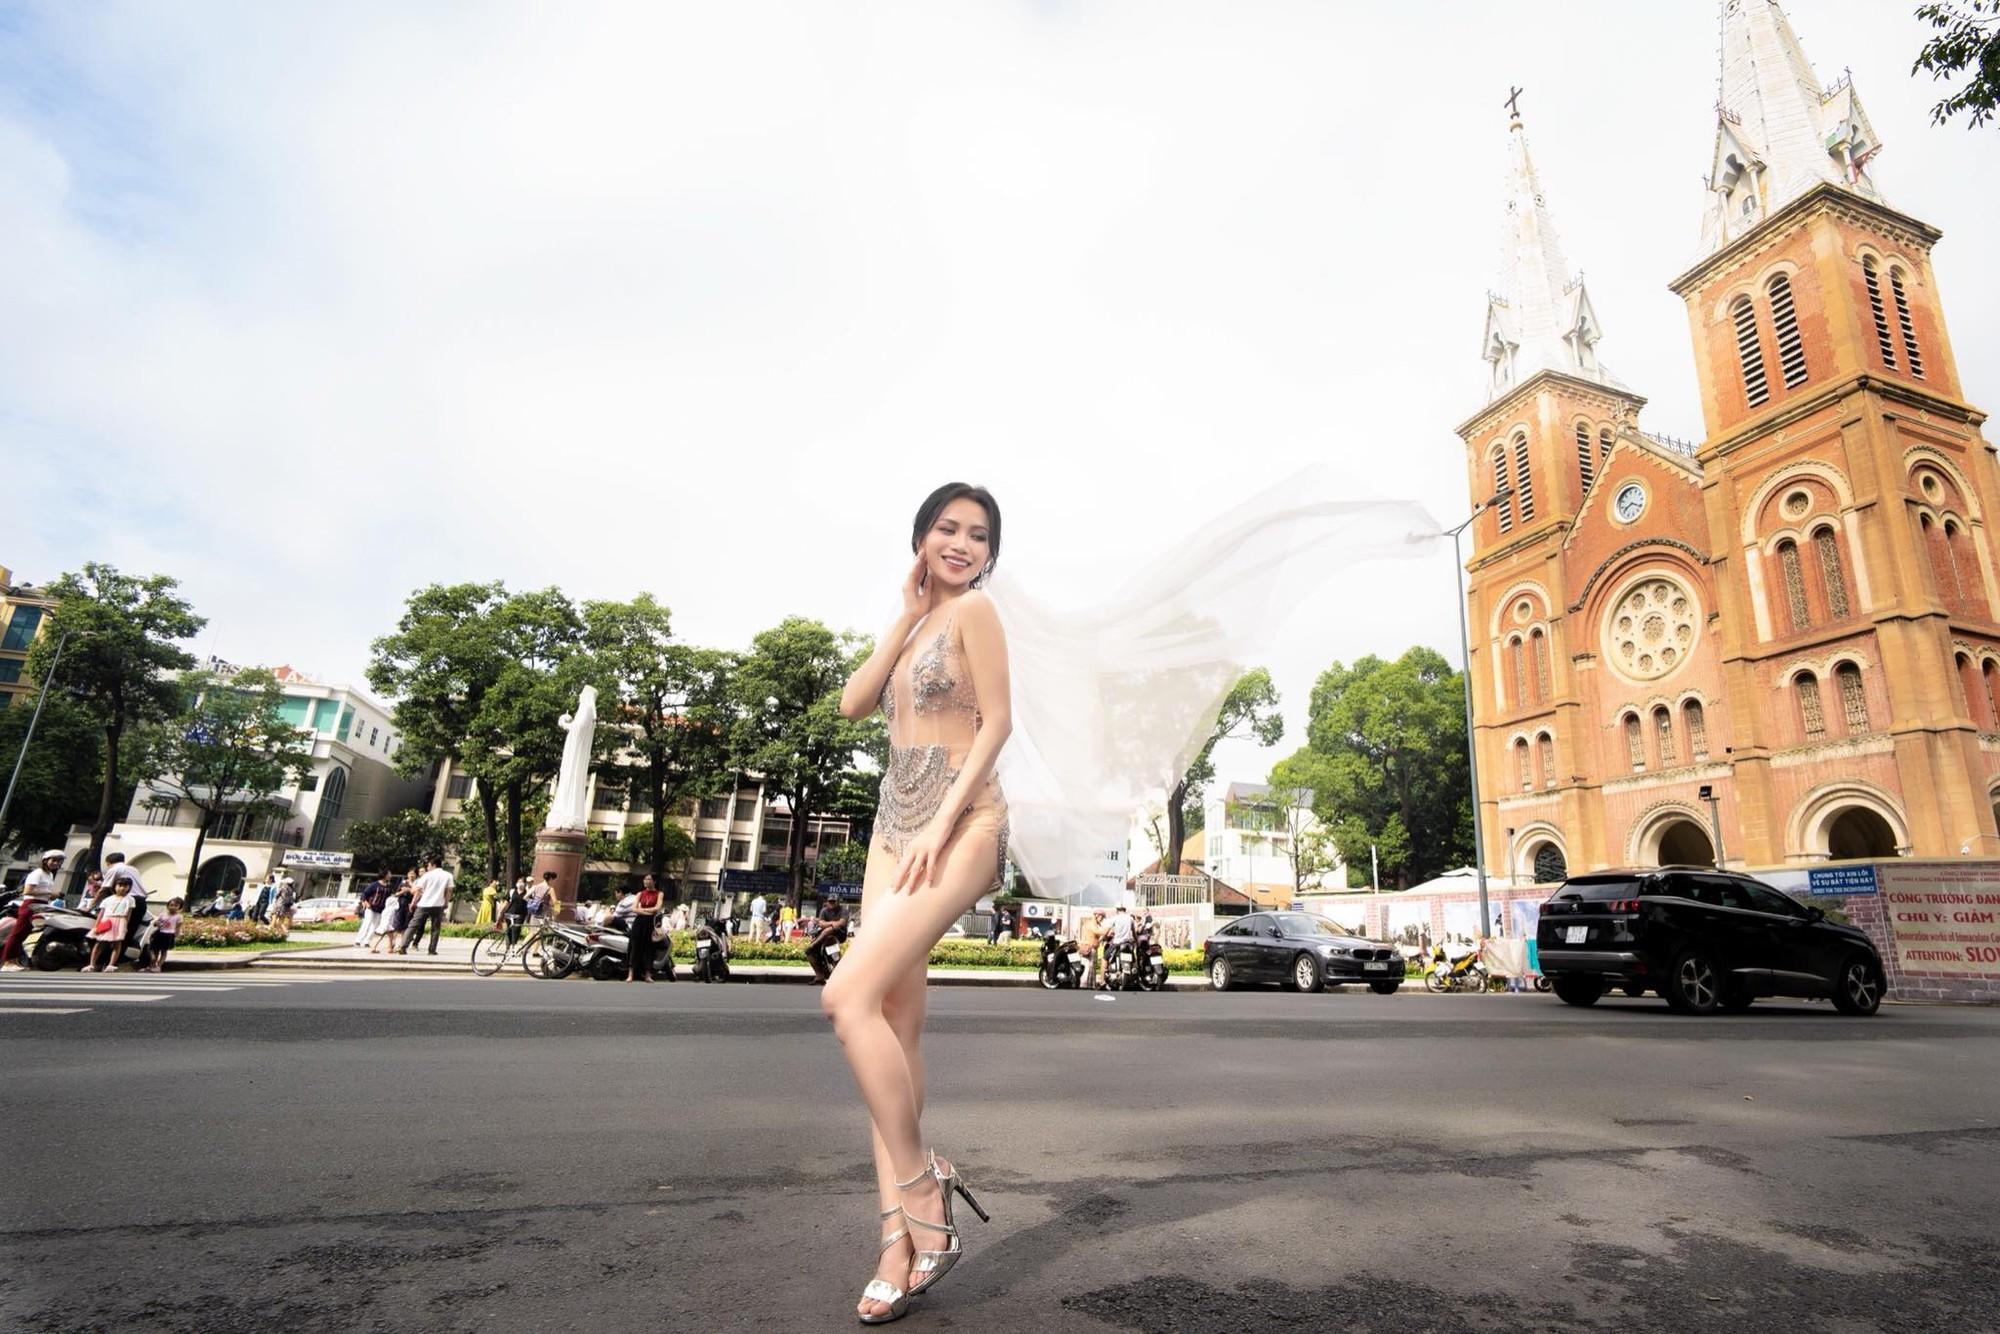 Sĩ Thanh bị dân mạng chỉ trích phản cảm khi chụp bộ ảnh cưới sexy giữa trung tâm thành phố - Ảnh 2.